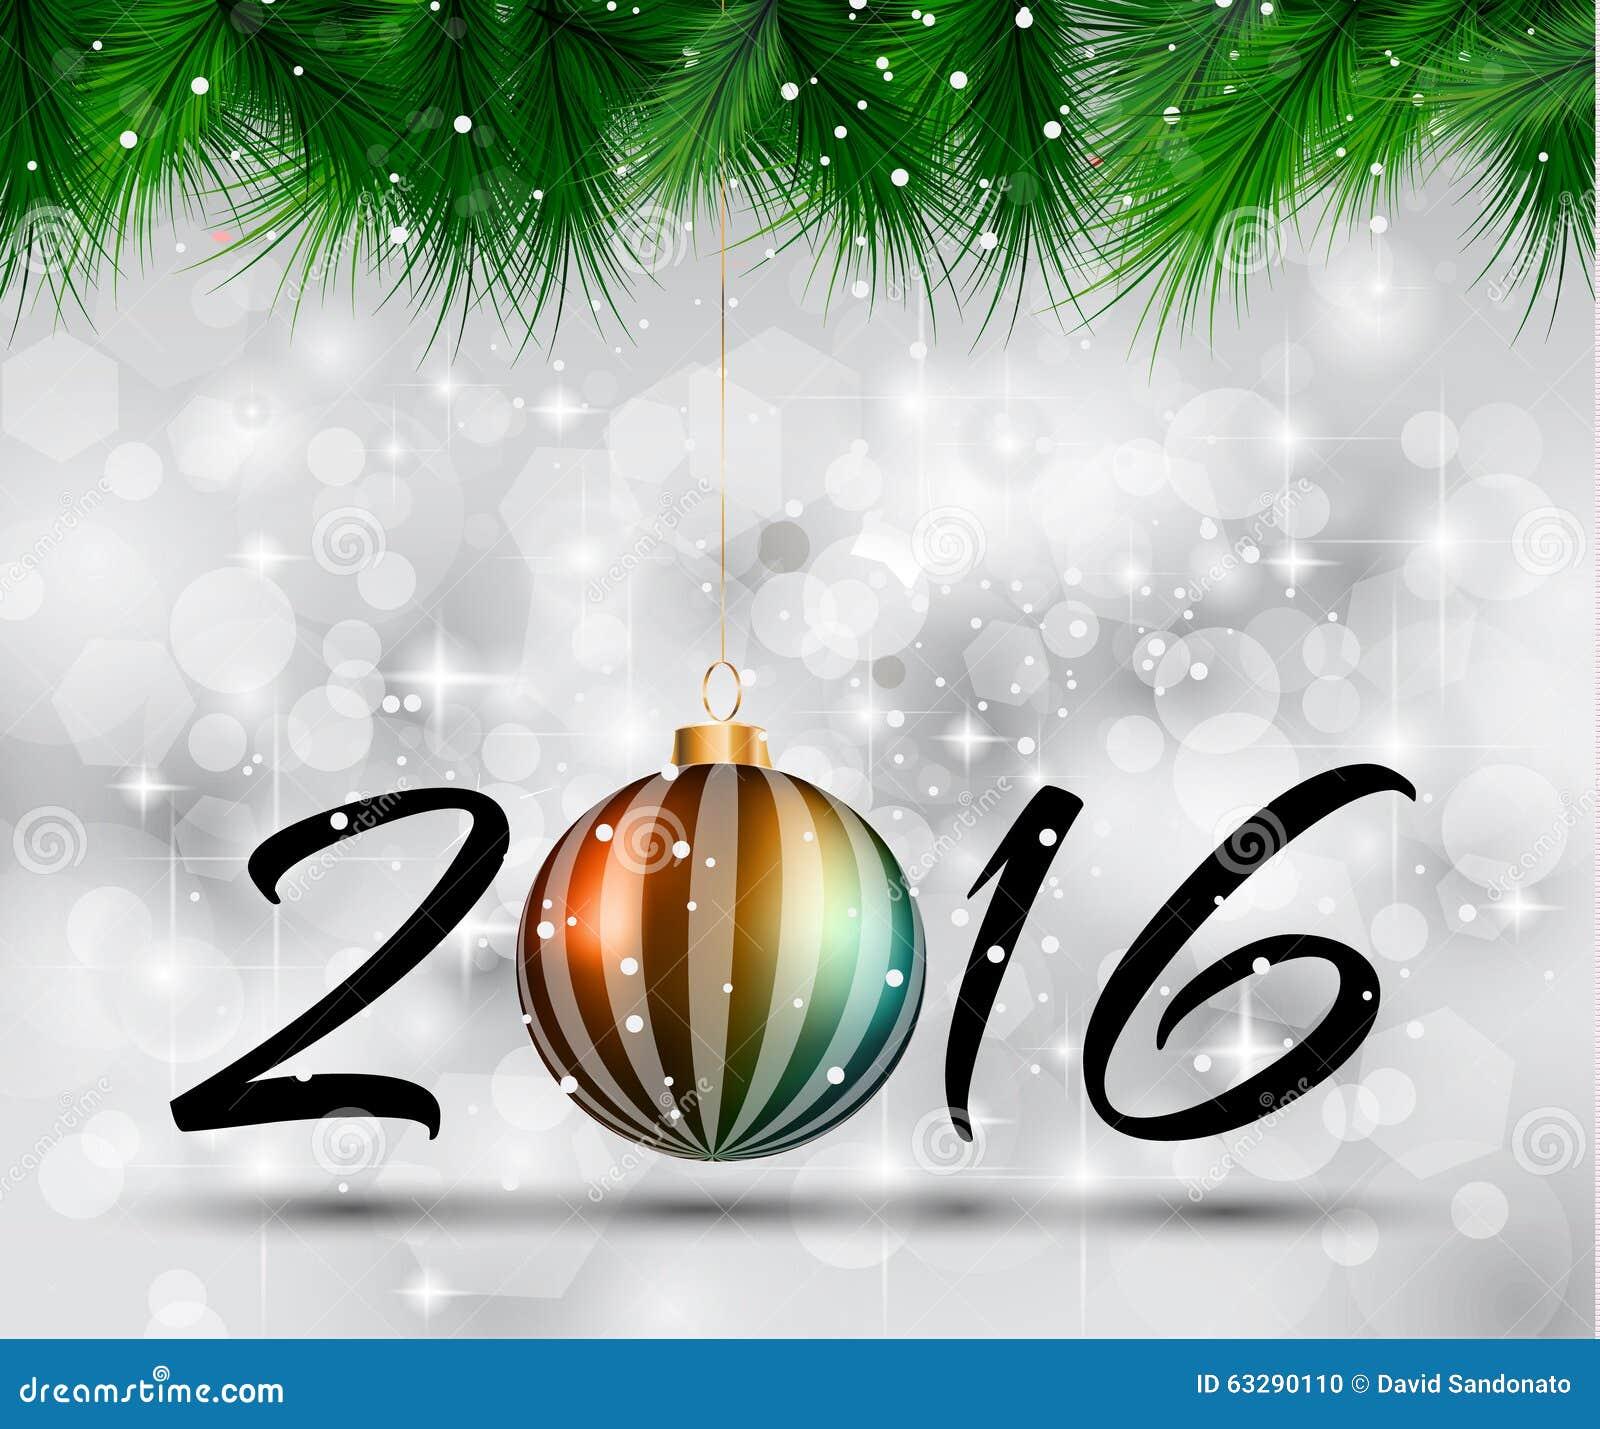 Fondo de la feliz navidad 2016 y de la feliz a o nuevo Ruta de la navidad 2016